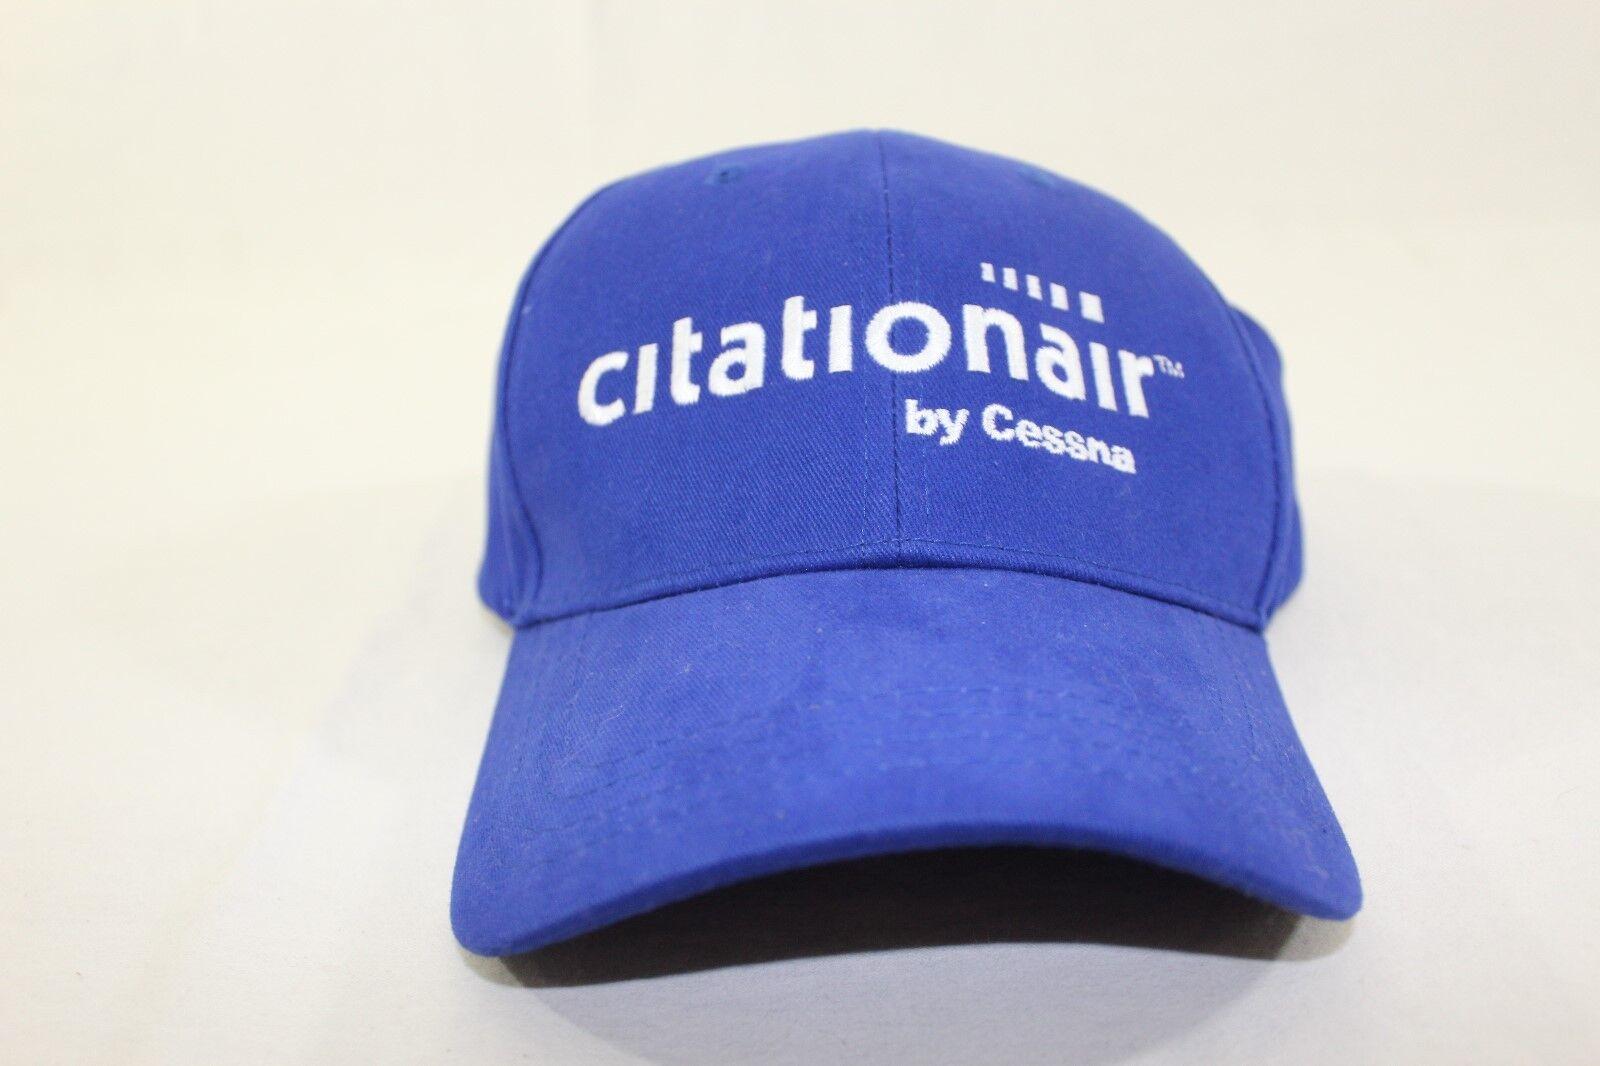 Cessna Citationair blue hat buckle back aircraft aviation